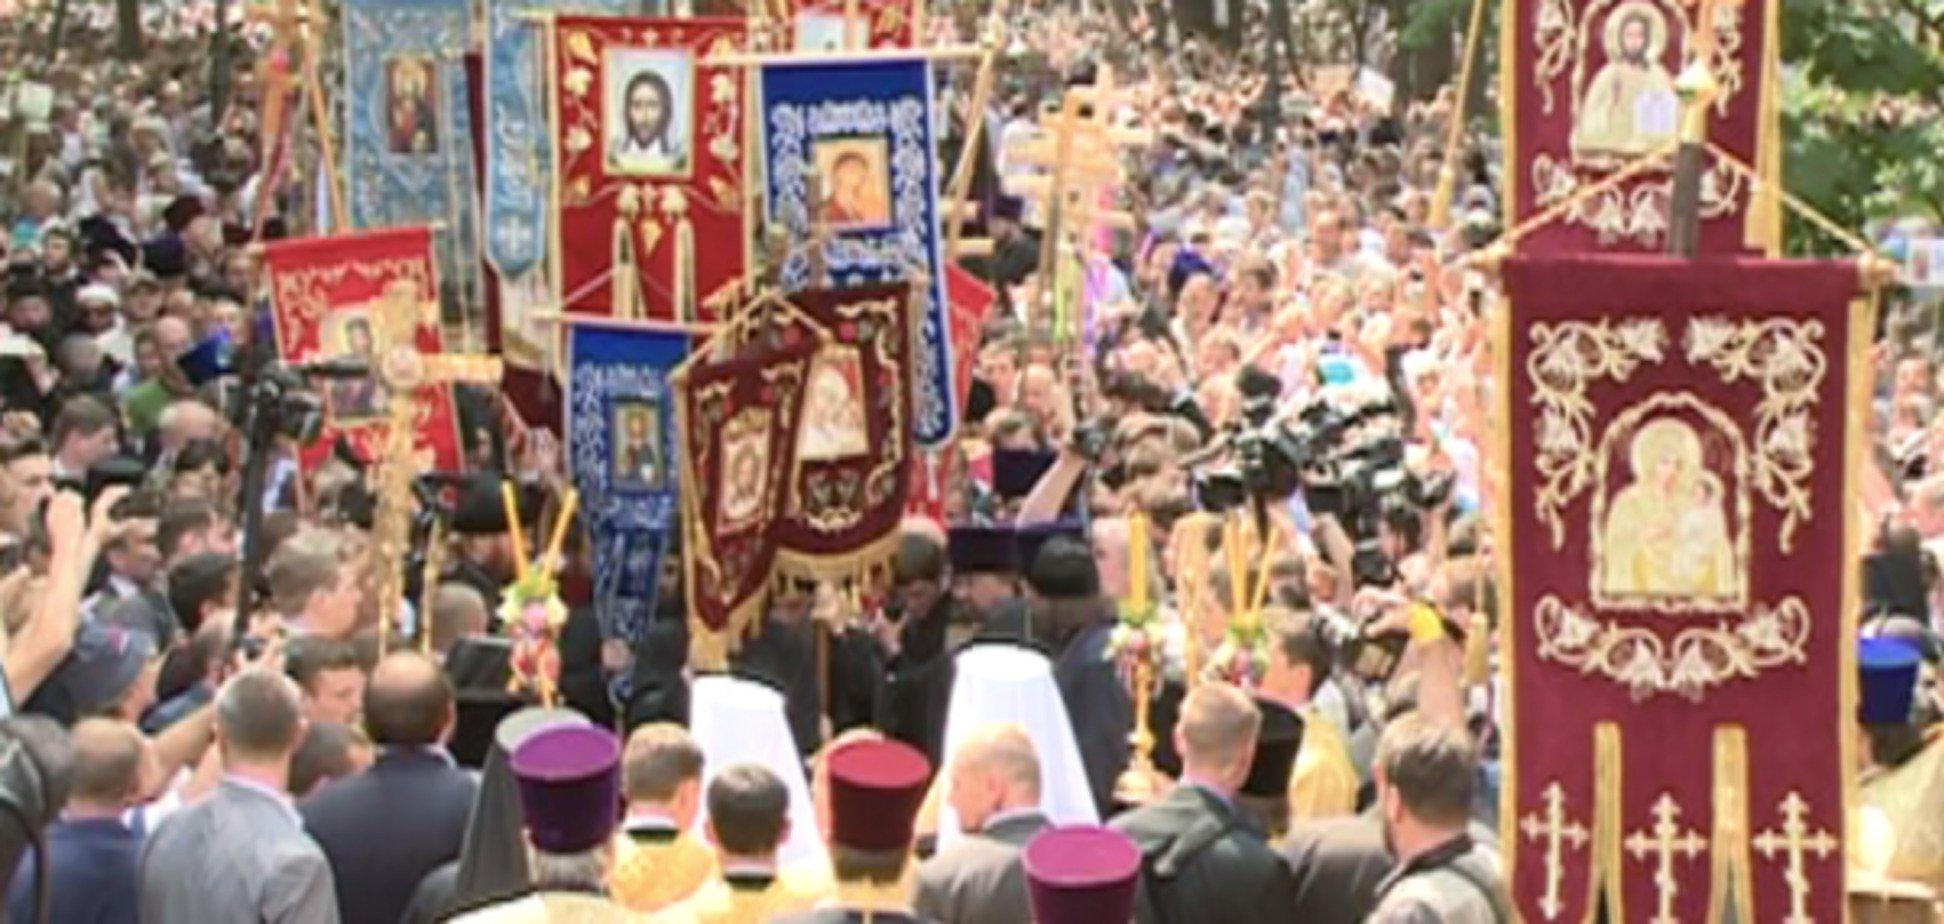 Бойко заявил, что участники крестного хода молились за мир и процветание Украины